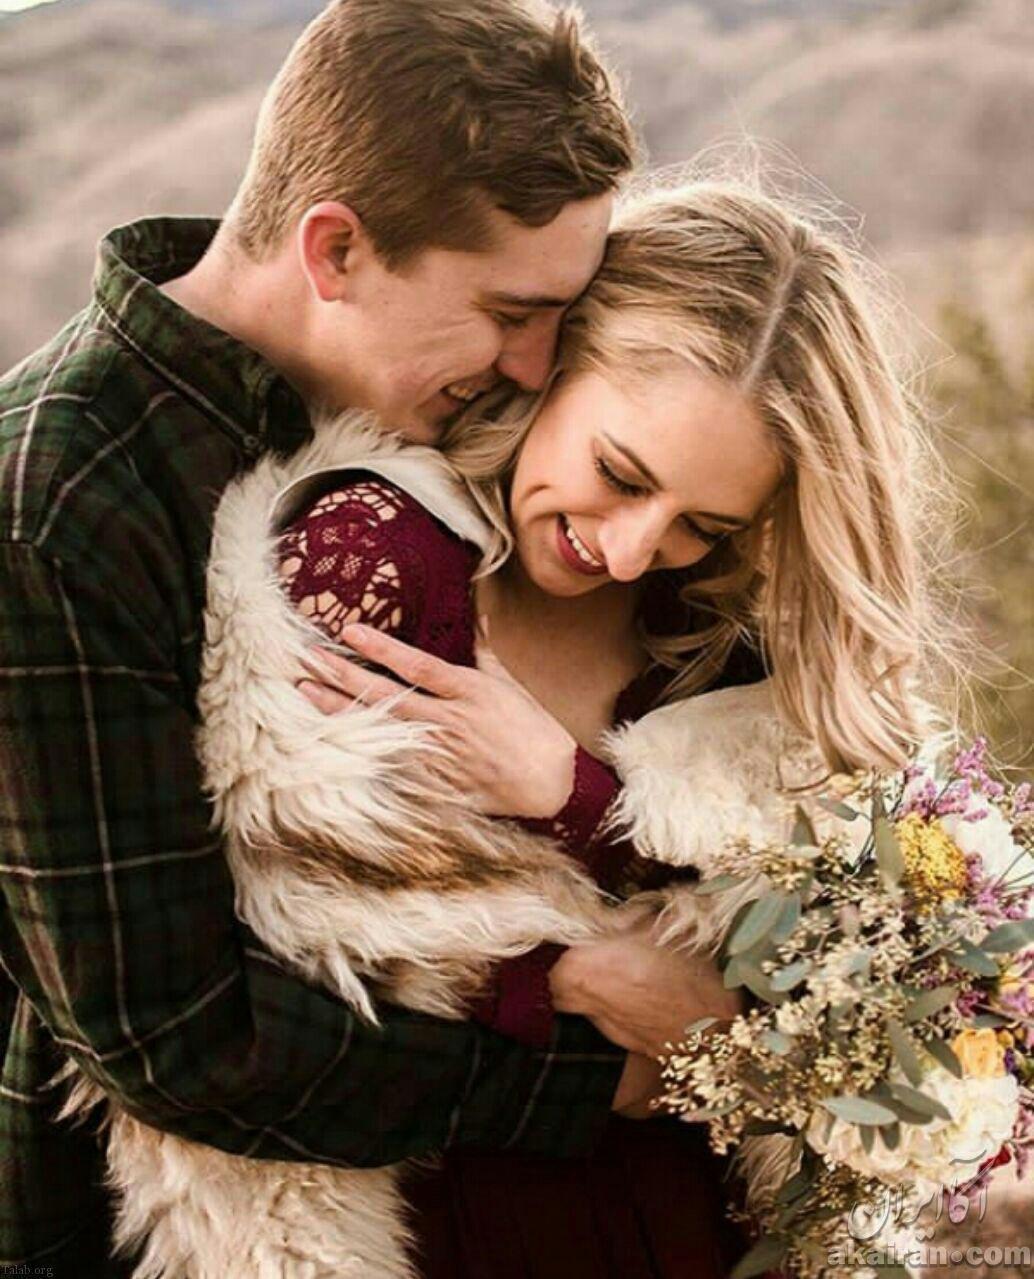 2018529516413974518awaterM عکس پروفایل شاد عاشقانه دختر و پسر | پروفایل شاد دخترونه و پسرونه